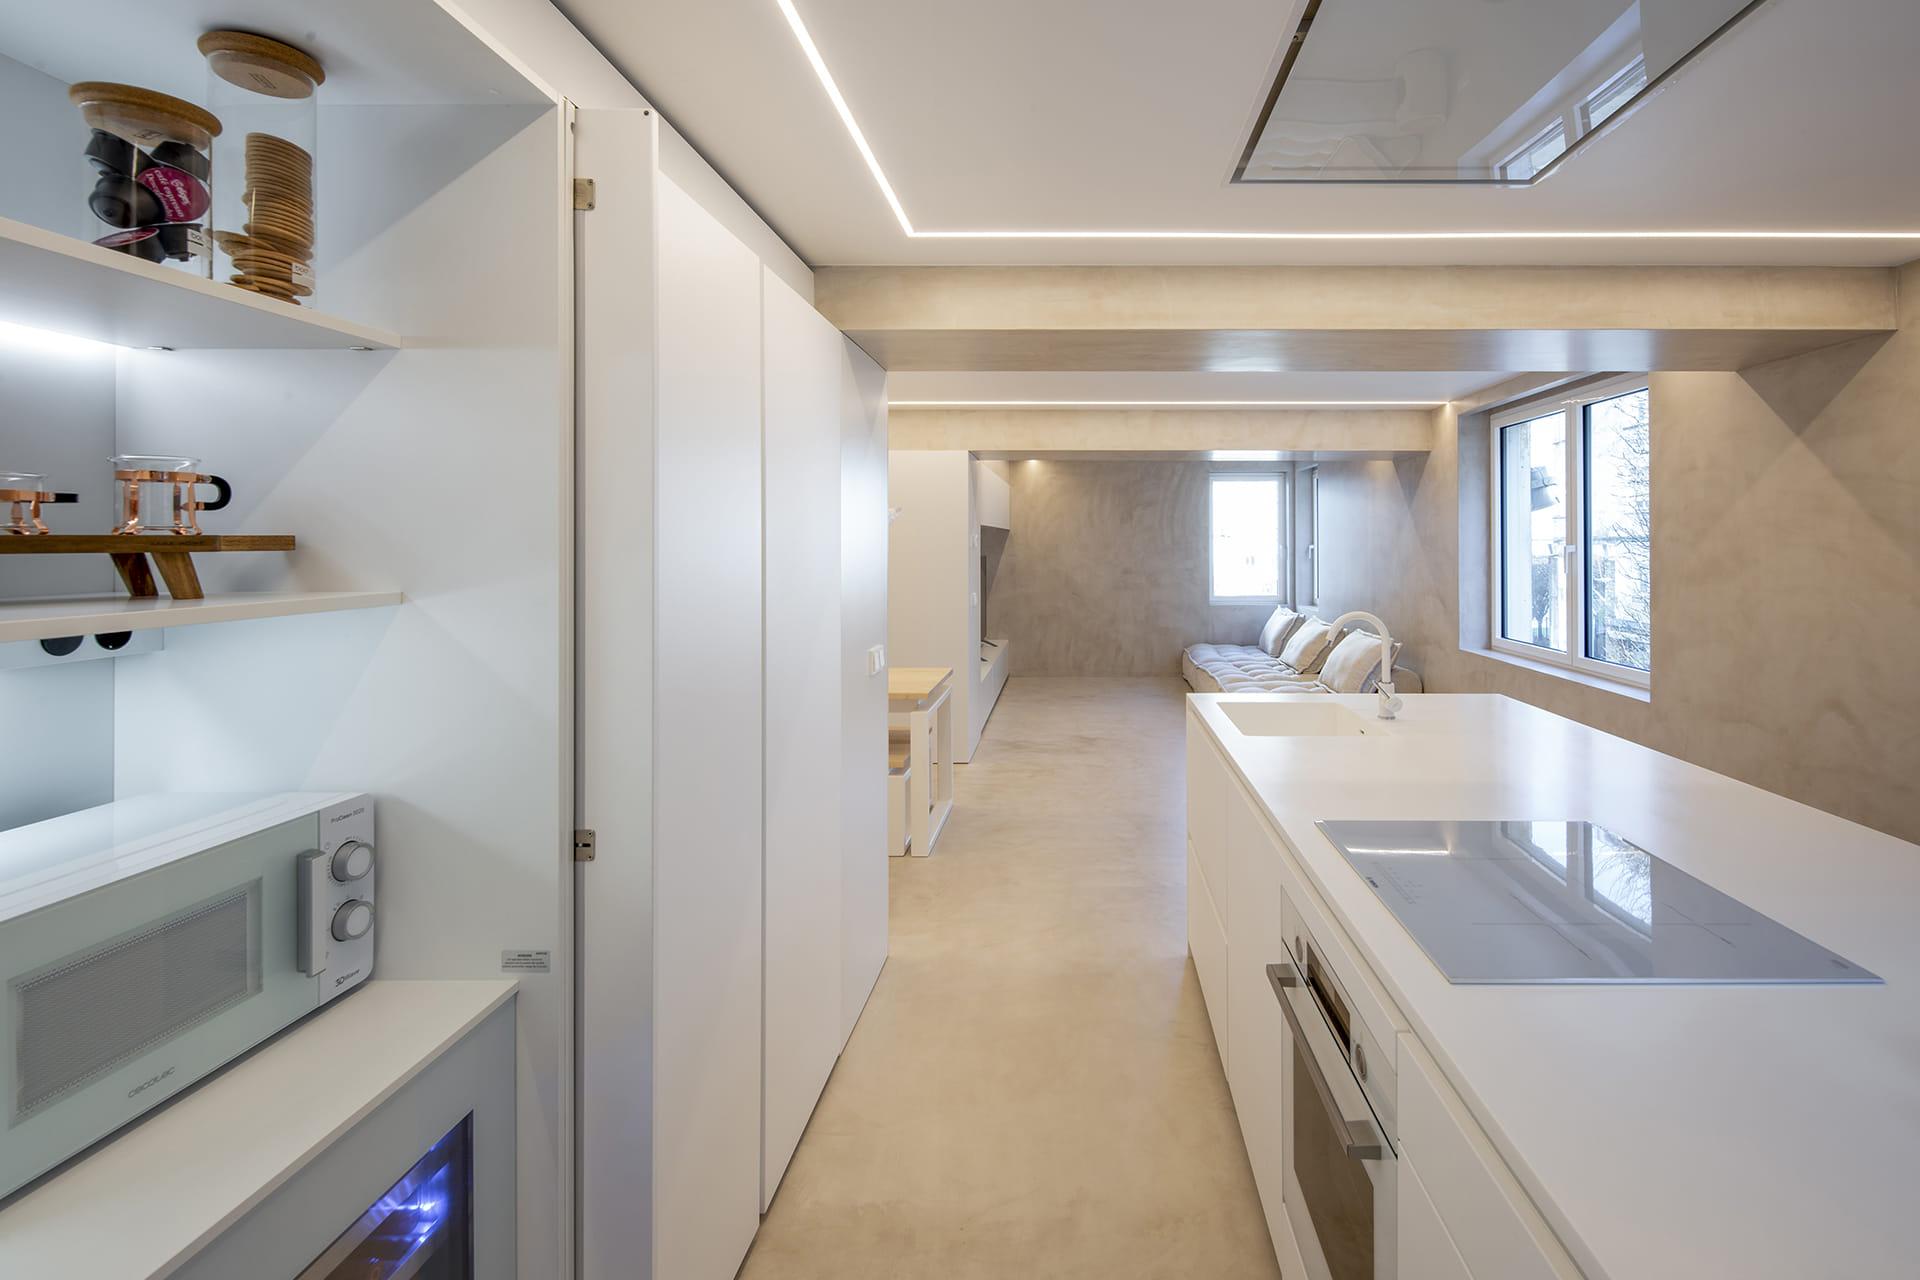 Meubels open witte keuken Santos